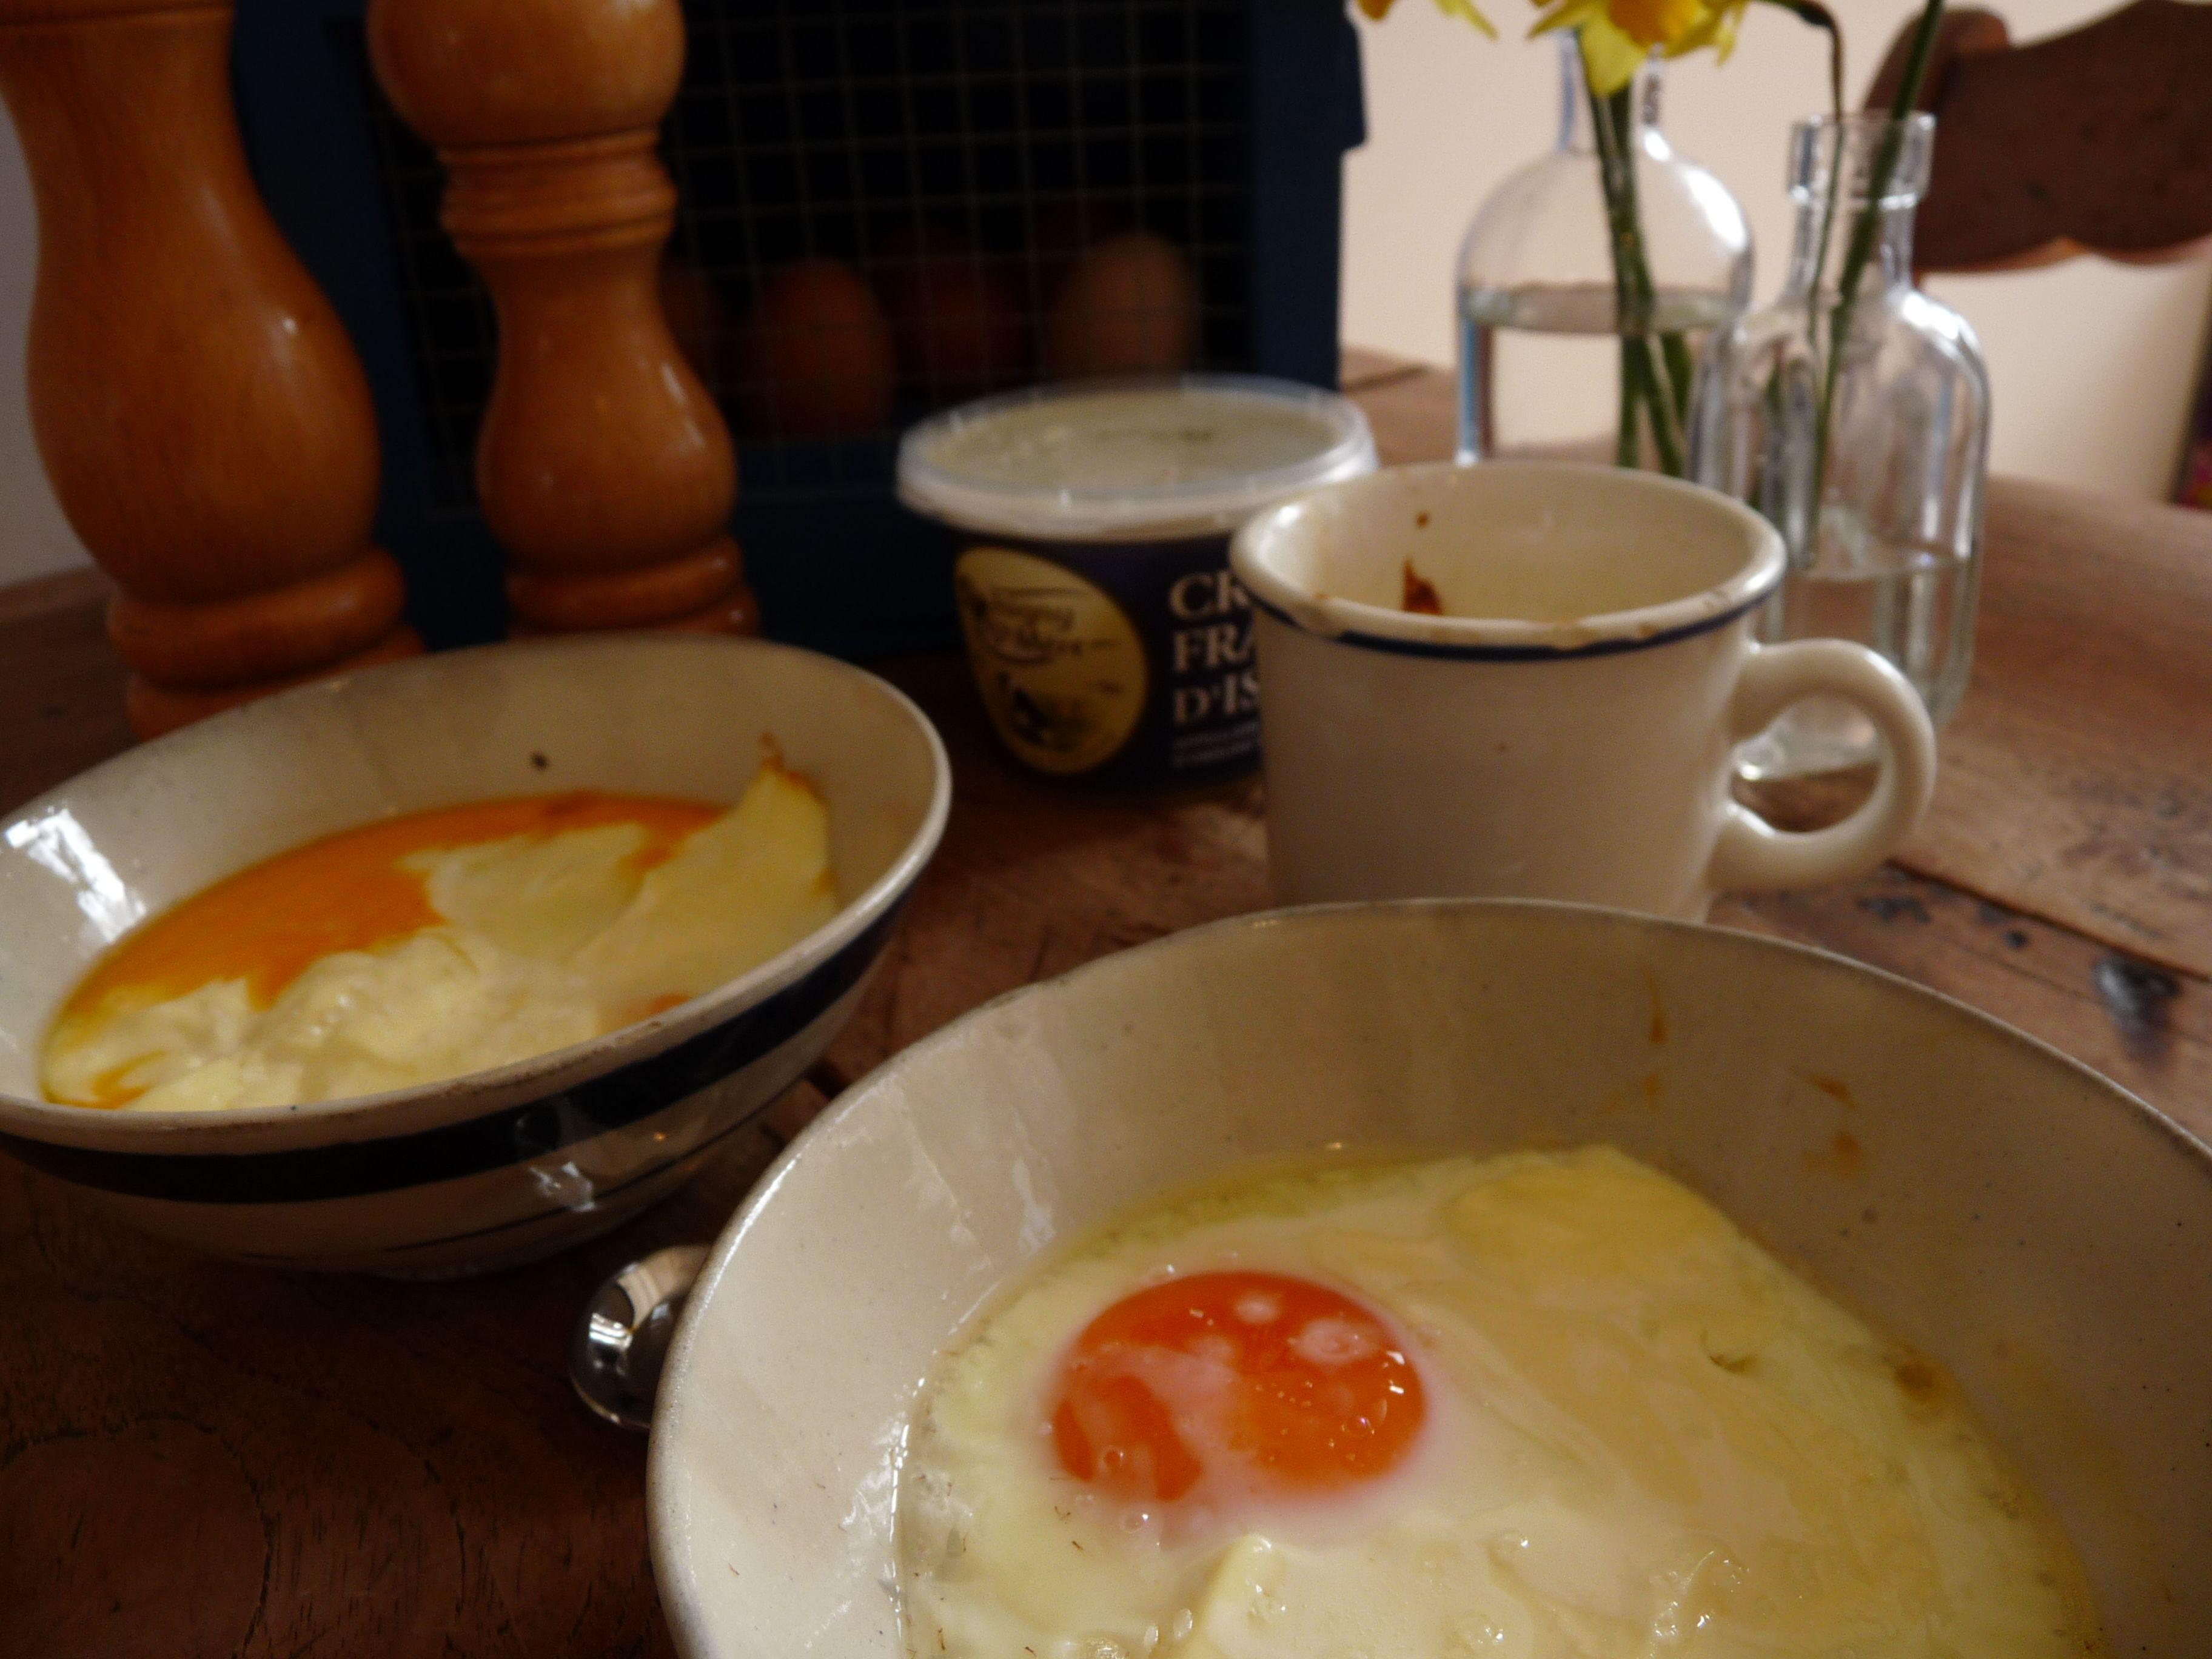 Lekker samen koken met Pasen: breek een eitje in een bakje. Doe er een mooie schep crème fraiche bij. zet de bakjes in een schaal met water in de oven. Geef er een soepstengel bij.